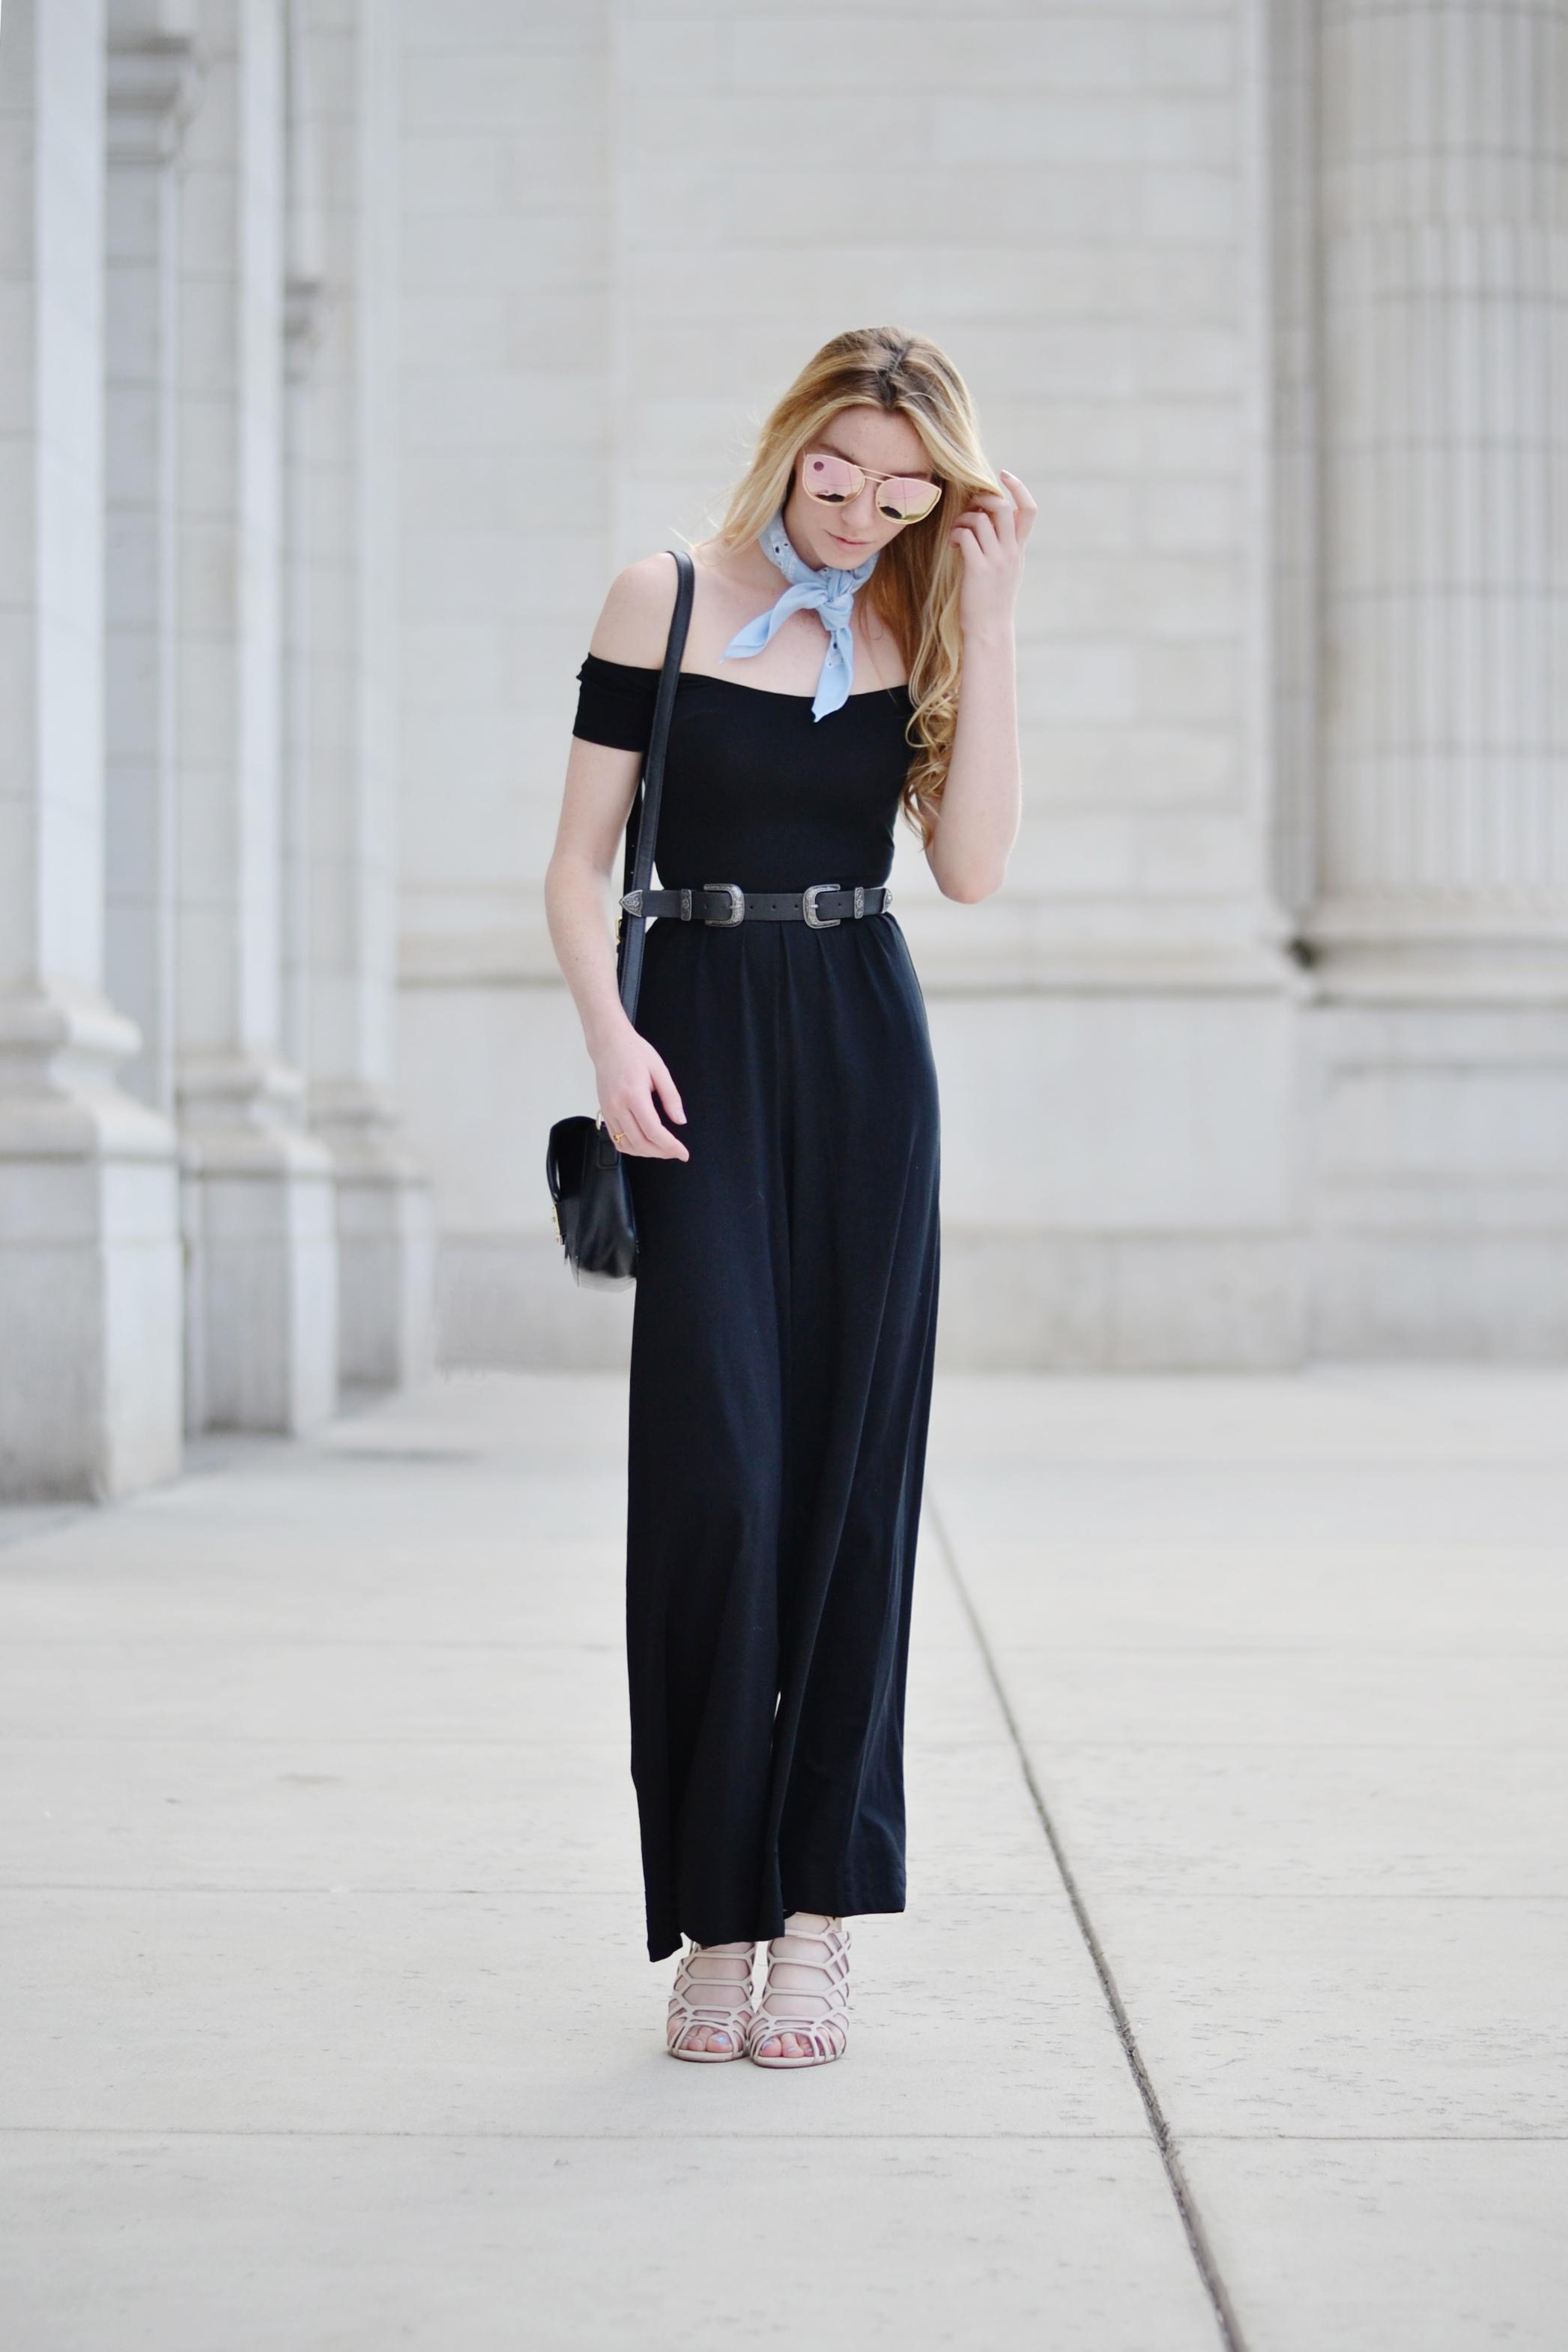 Off-The-Shoulder Jumpsuit & Blogger Double Buckle Belt (via Chic Now)